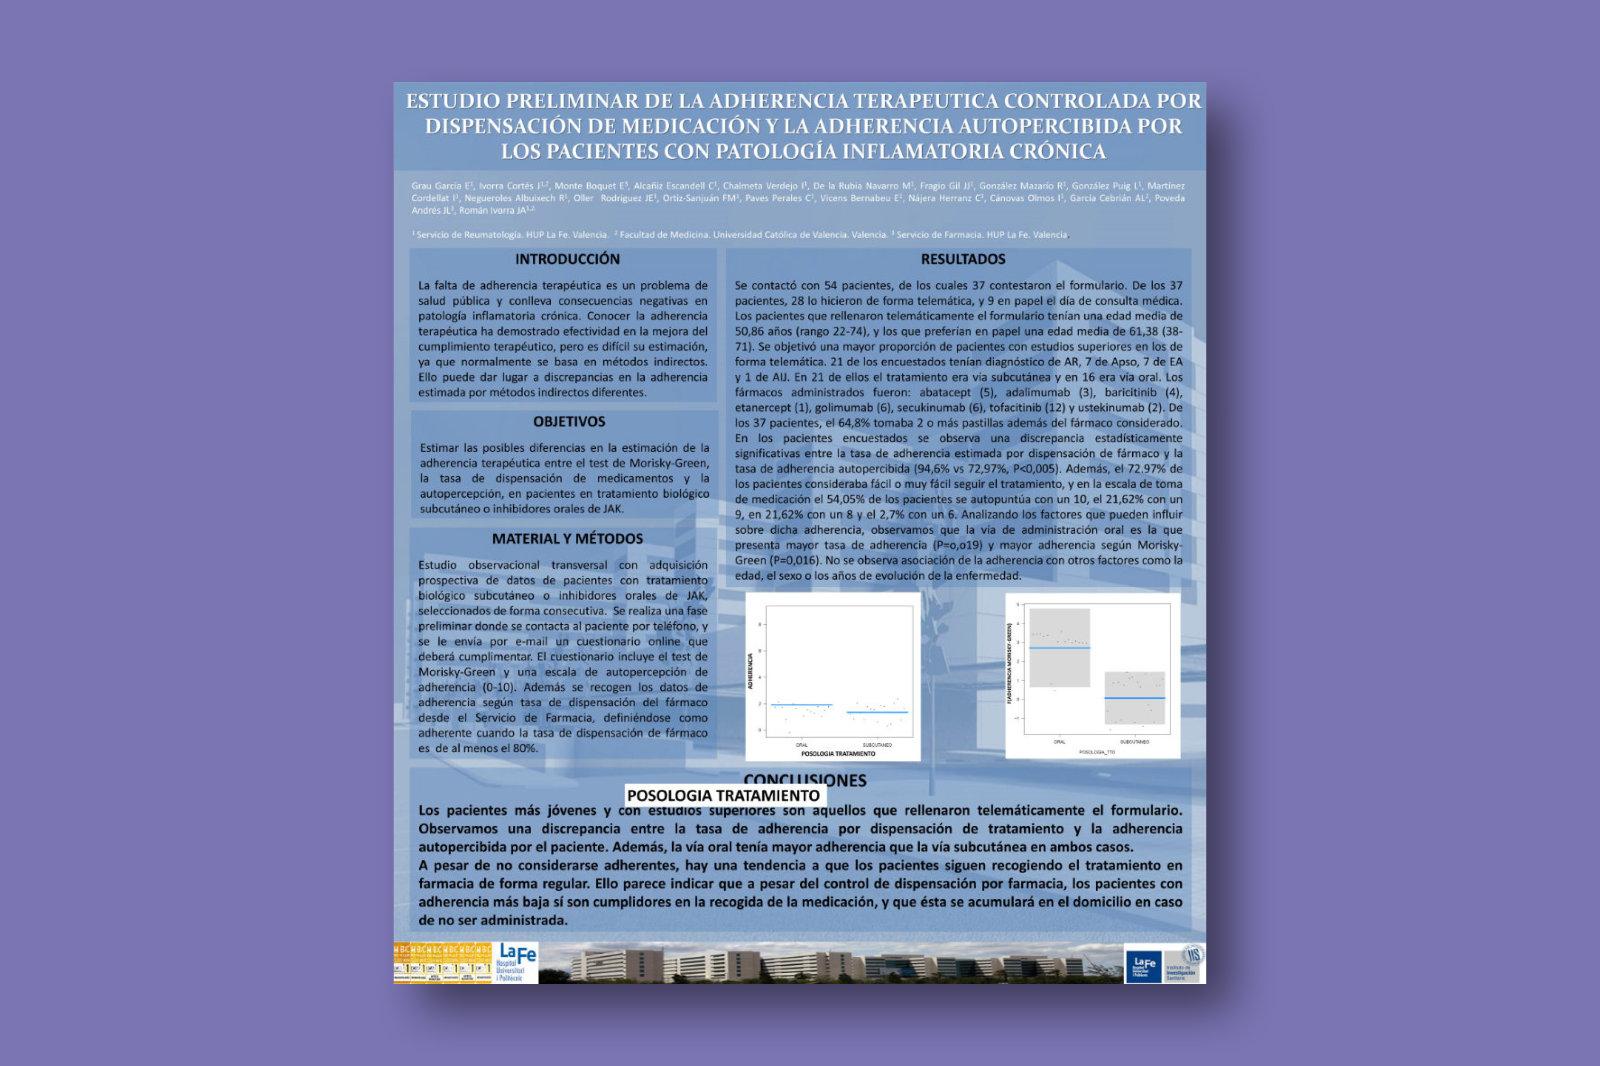 Estudio preliminar de la adherencia terapéutica controlada por dispensación de medicación y la adherencia autopercibida por los pacientes con patología inflamatoria crónica